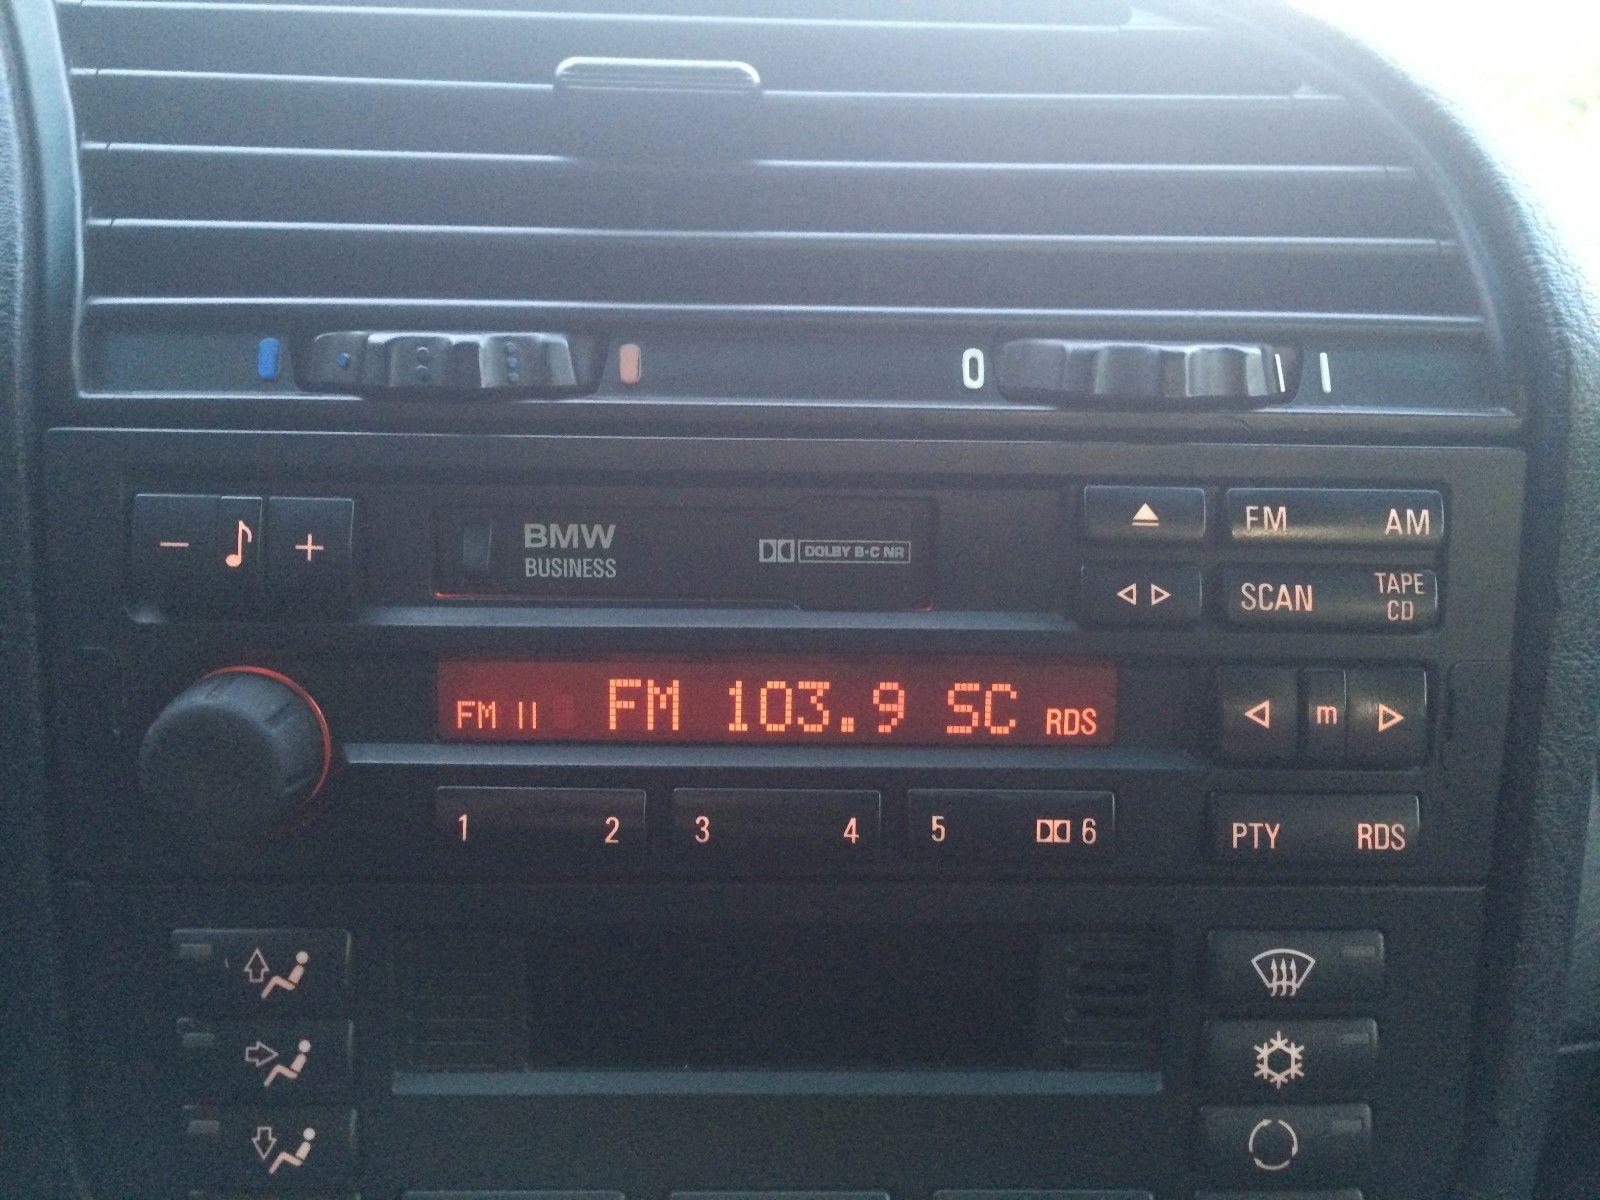 Awesome Bmw C43 Business Radio Stereo E31 E34 E36 318 323